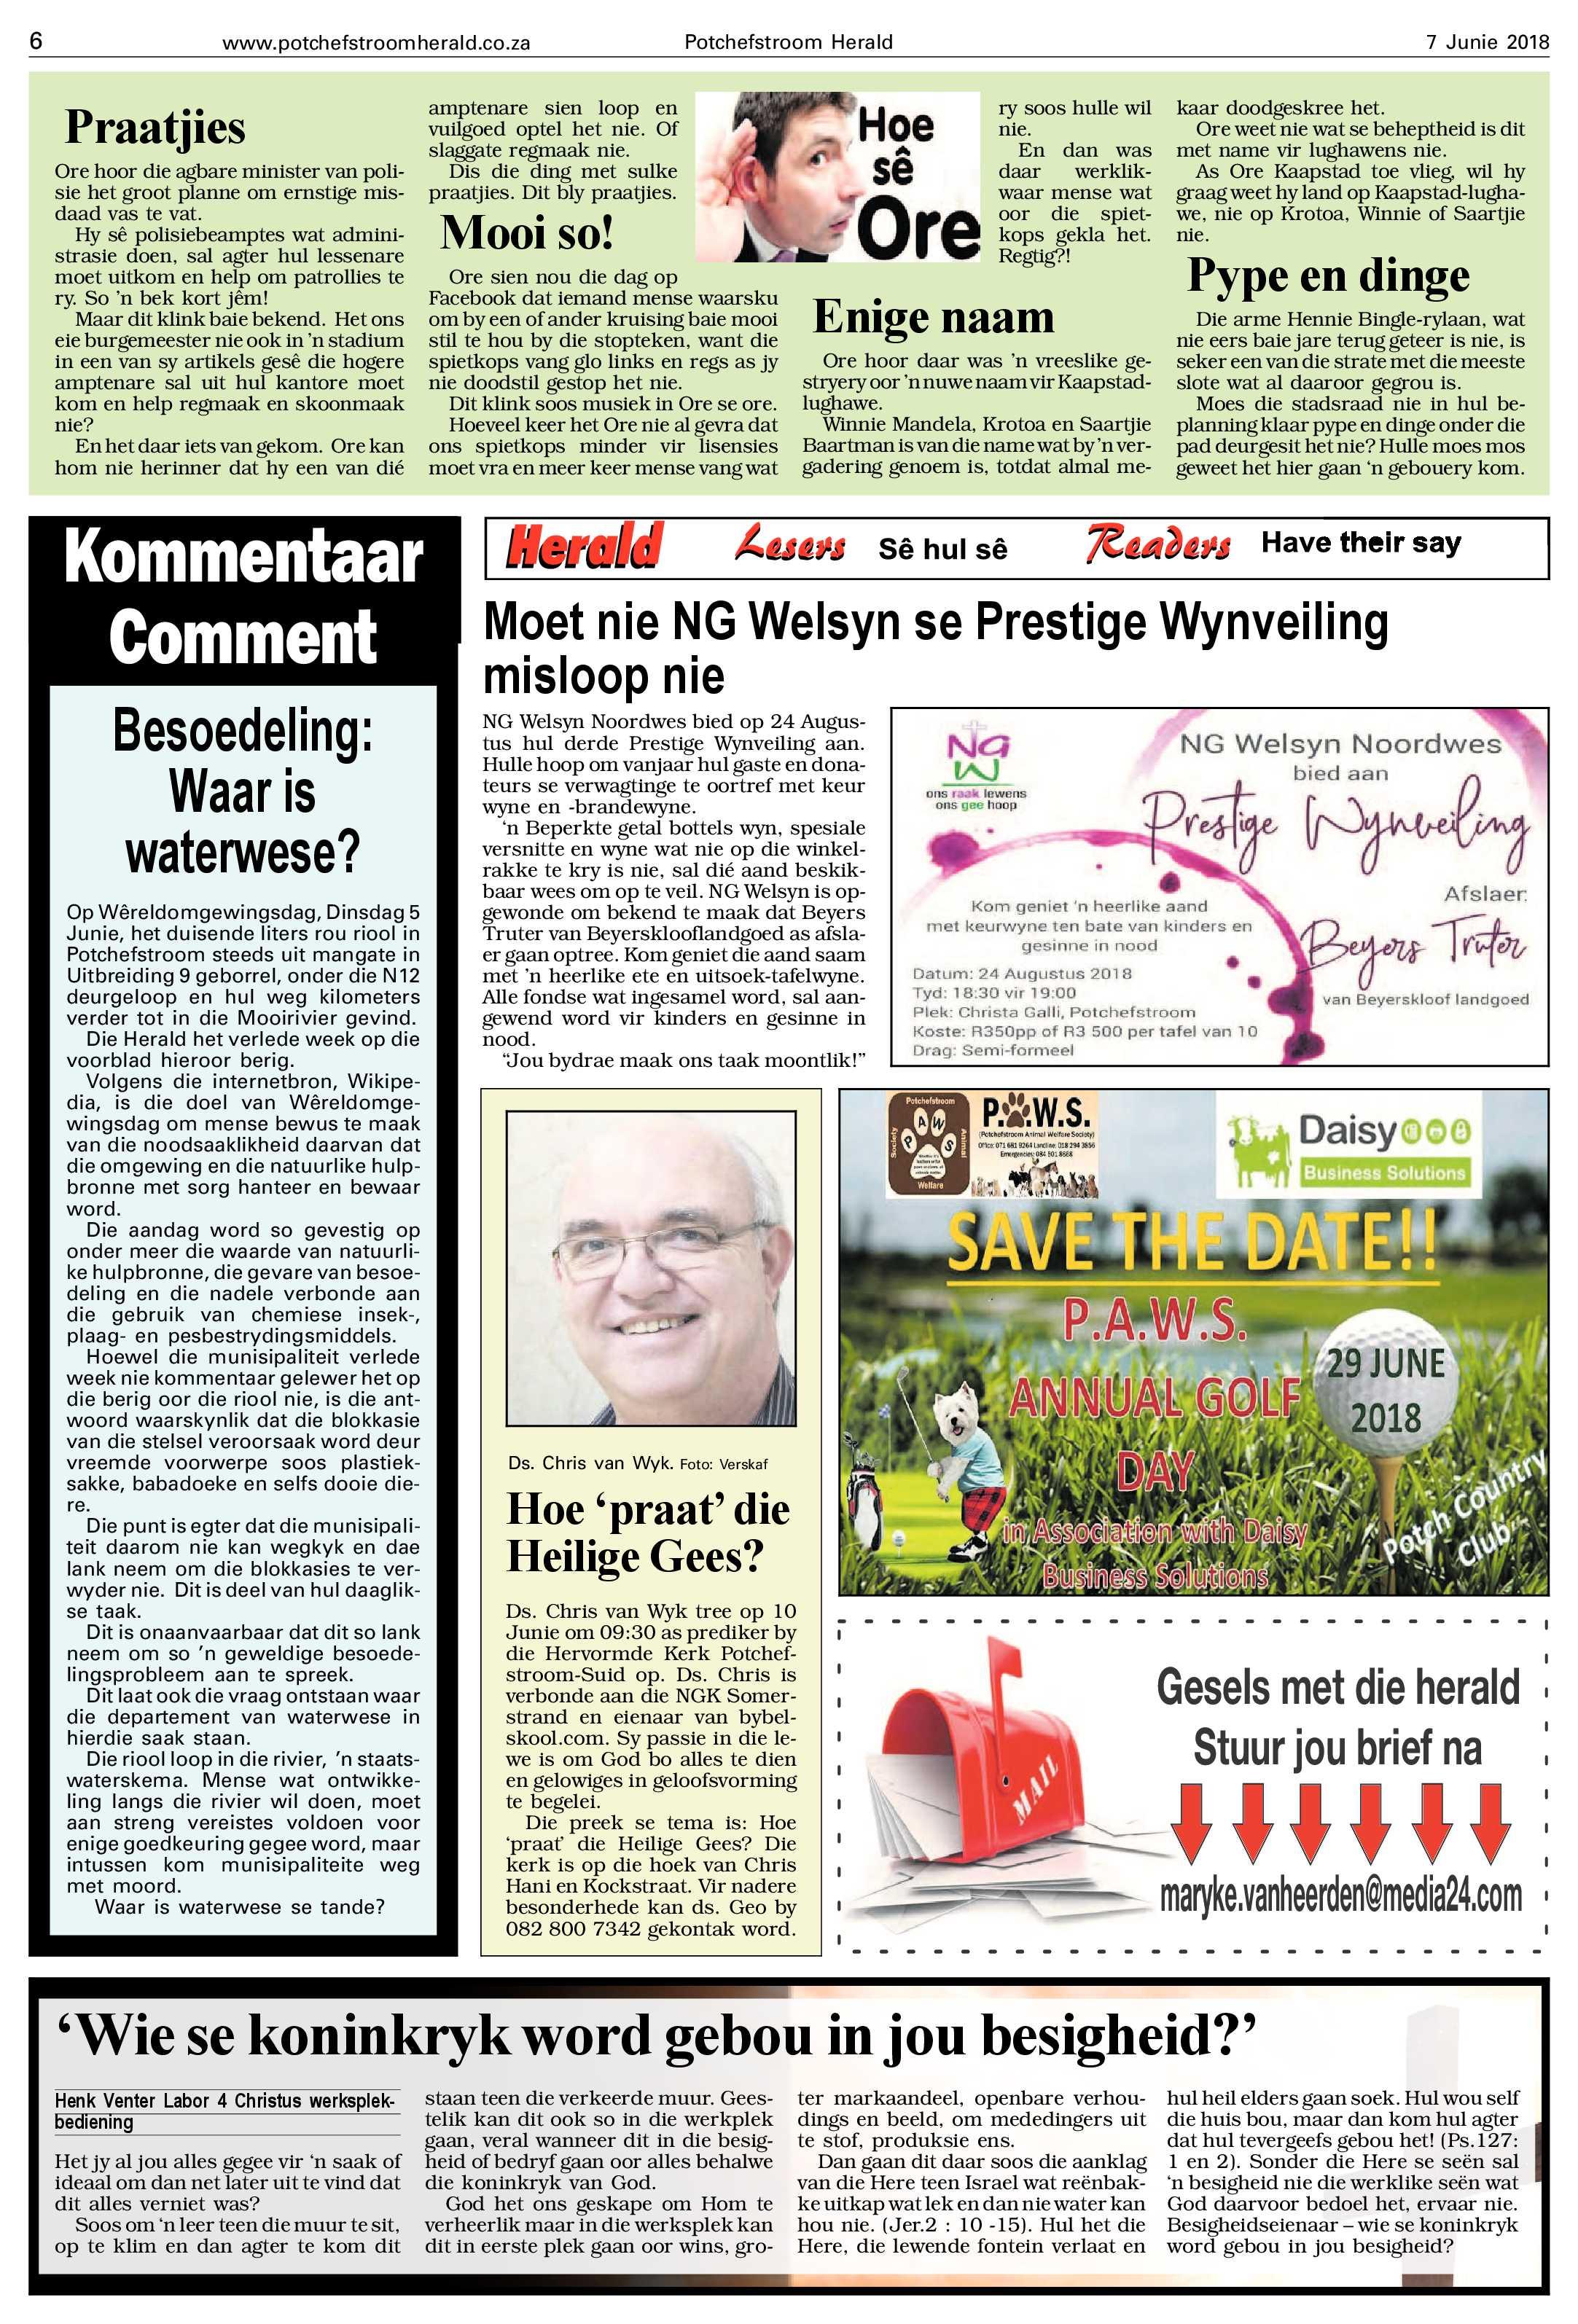 7-junie-2018-epapers-page-6